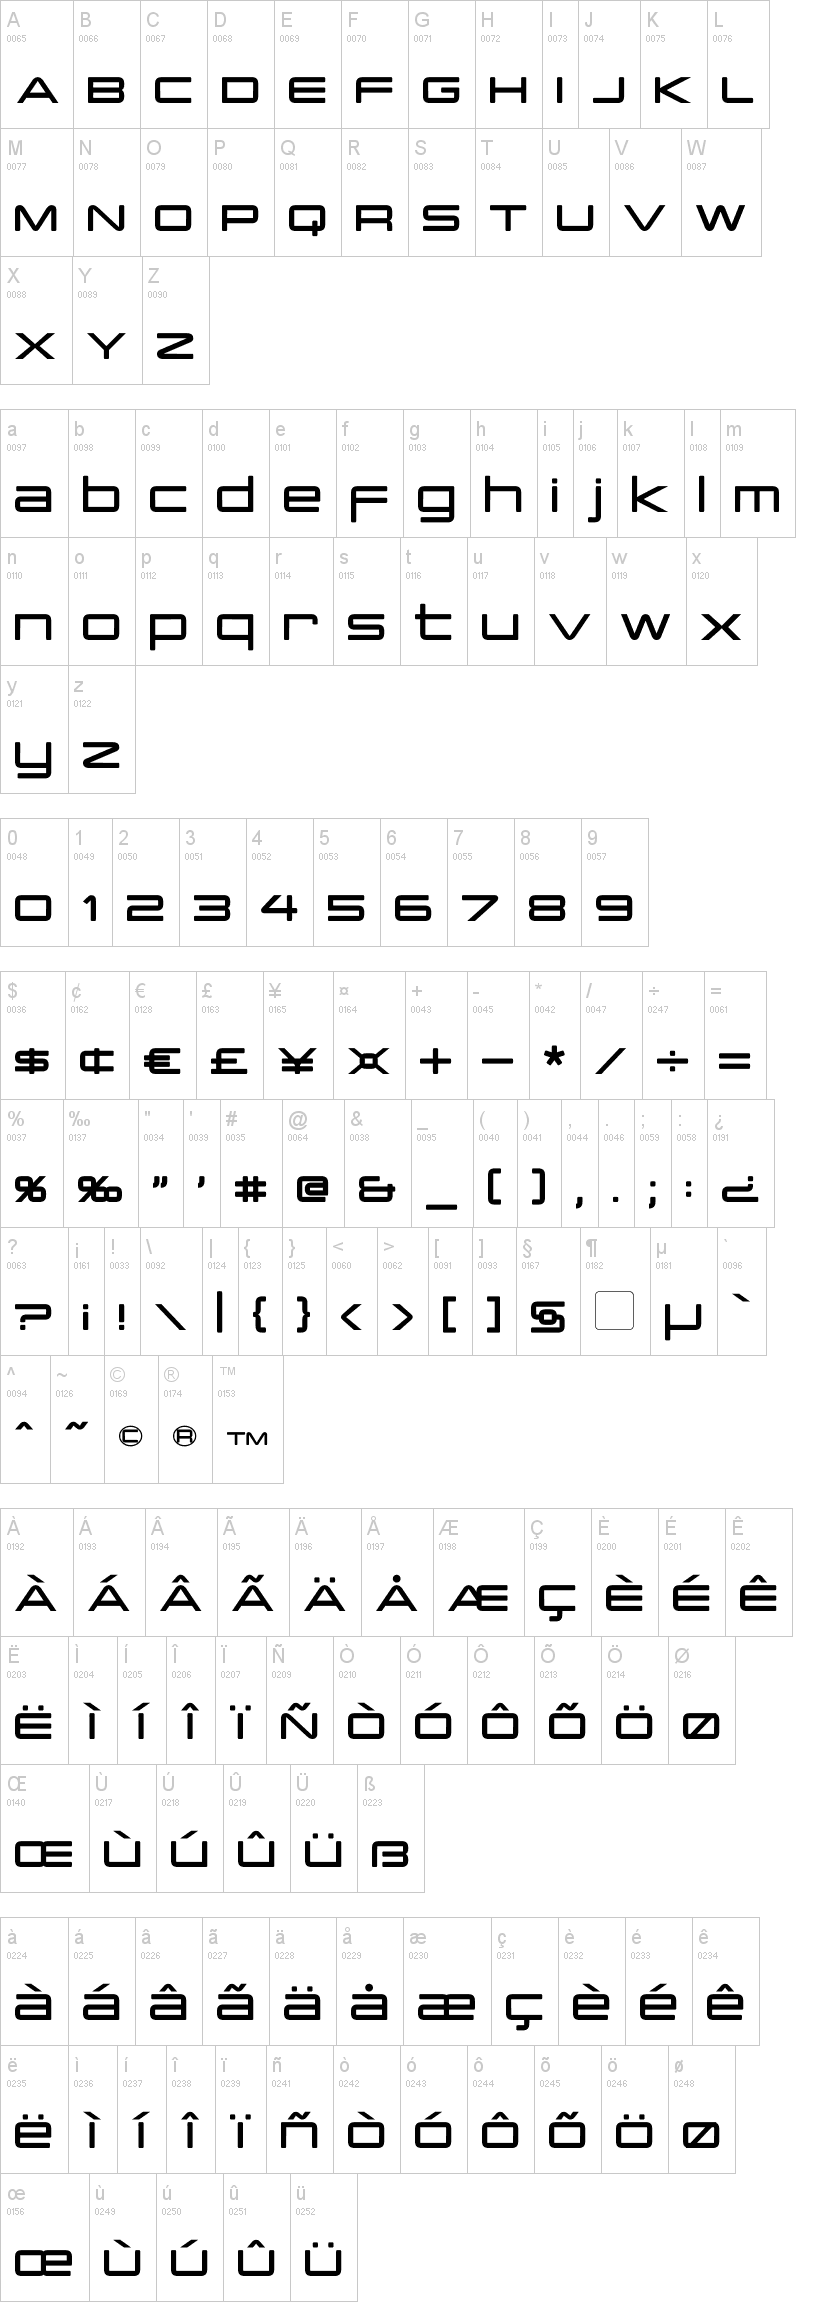 PCap Terminal Font | dafont com